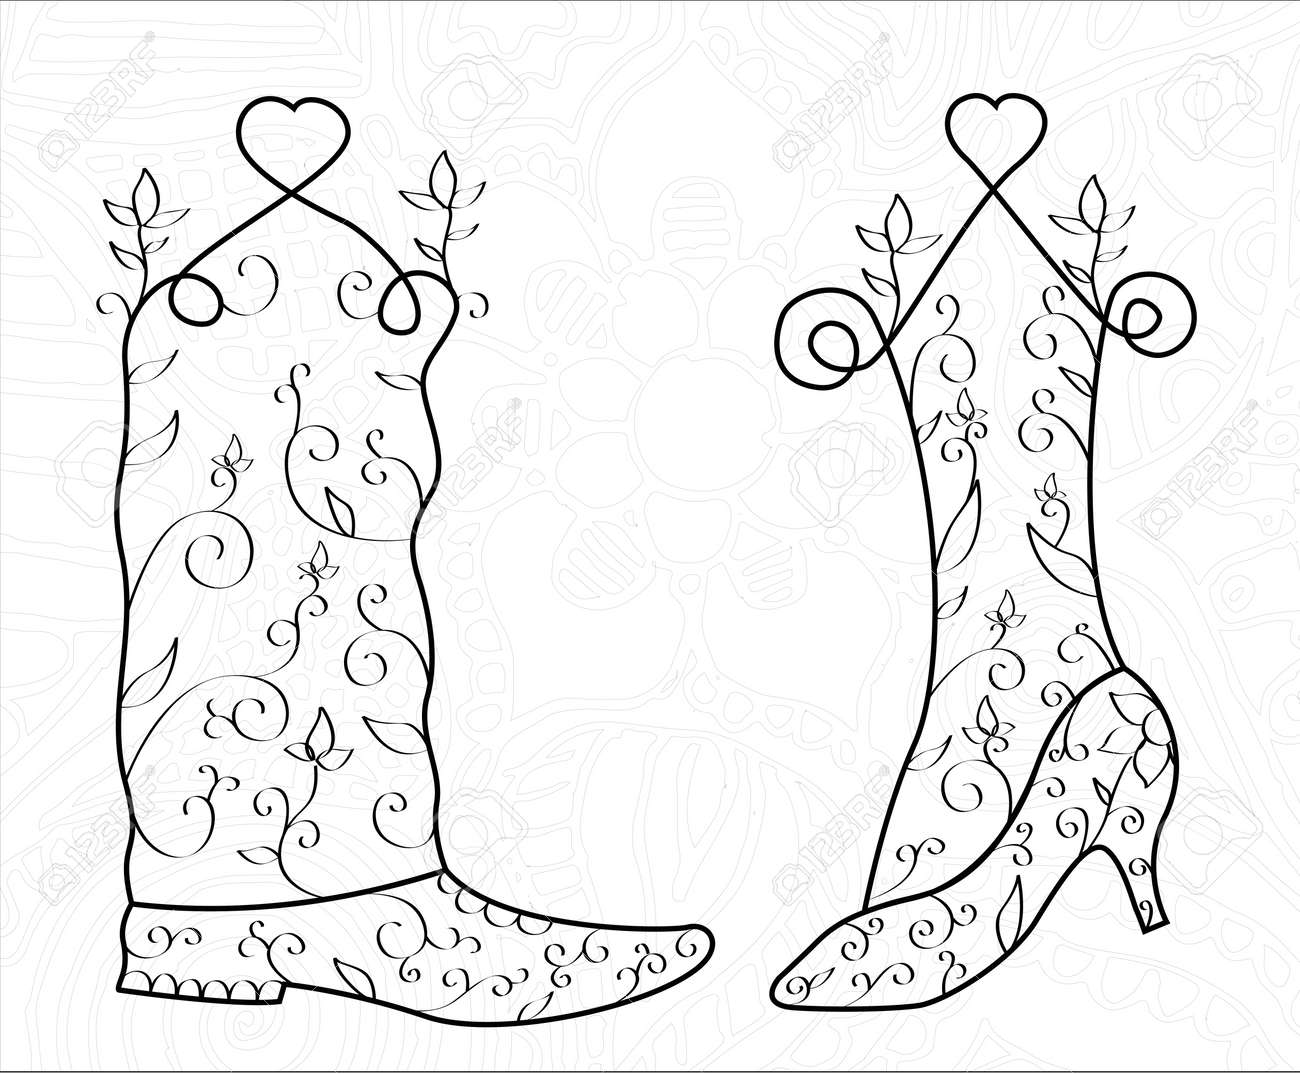 El Hombre Y La Mujer Remolinan El Zapato Corazón Boda Vector Ilustración Patrón Imprimir Para Invitaciones De Boda Diseño De Tarjeta De Boda